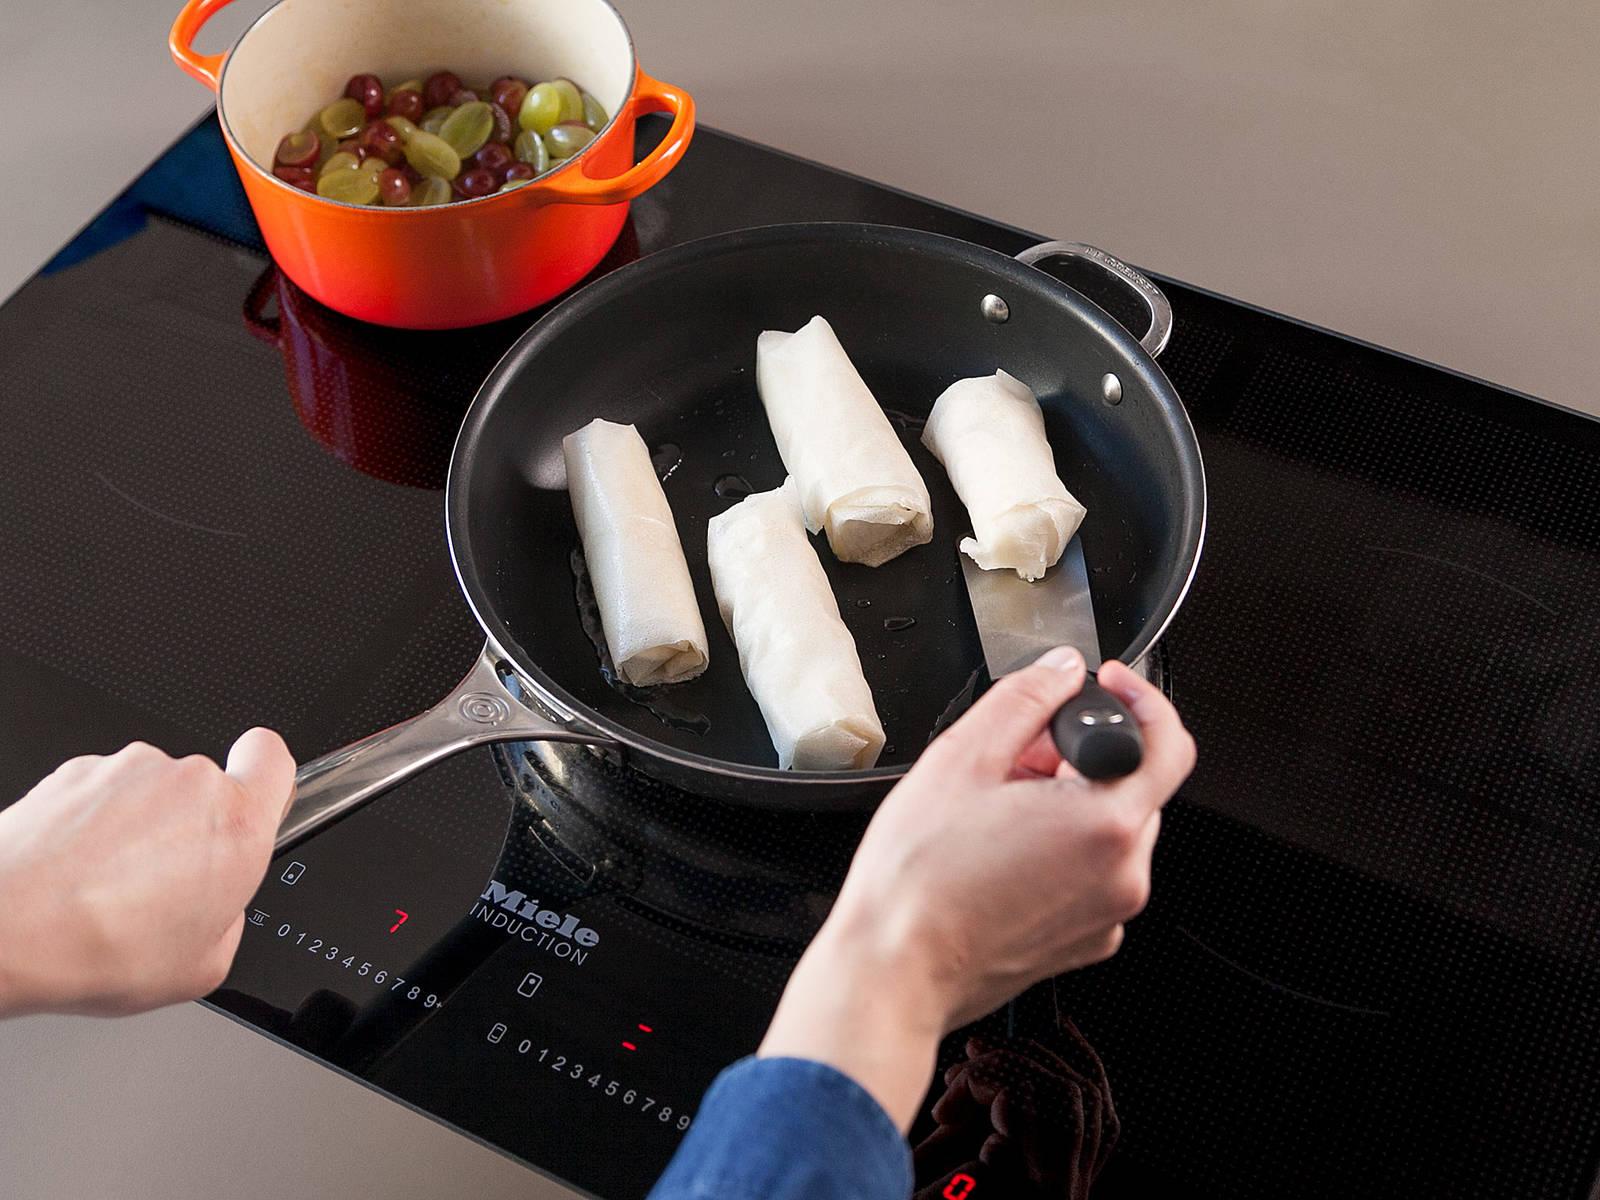 Pflanzenöl in einer Pfanne über mittlerer bis hoher Hitze ca. 2 Min. erwärmen. Den ummantelten Camembert von jeder Seite ca. 20 - 30 Sek. goldbraun anbraten. Camembert mit Feldsalat und Trauben-Chutney servieren. Guten Appetit!